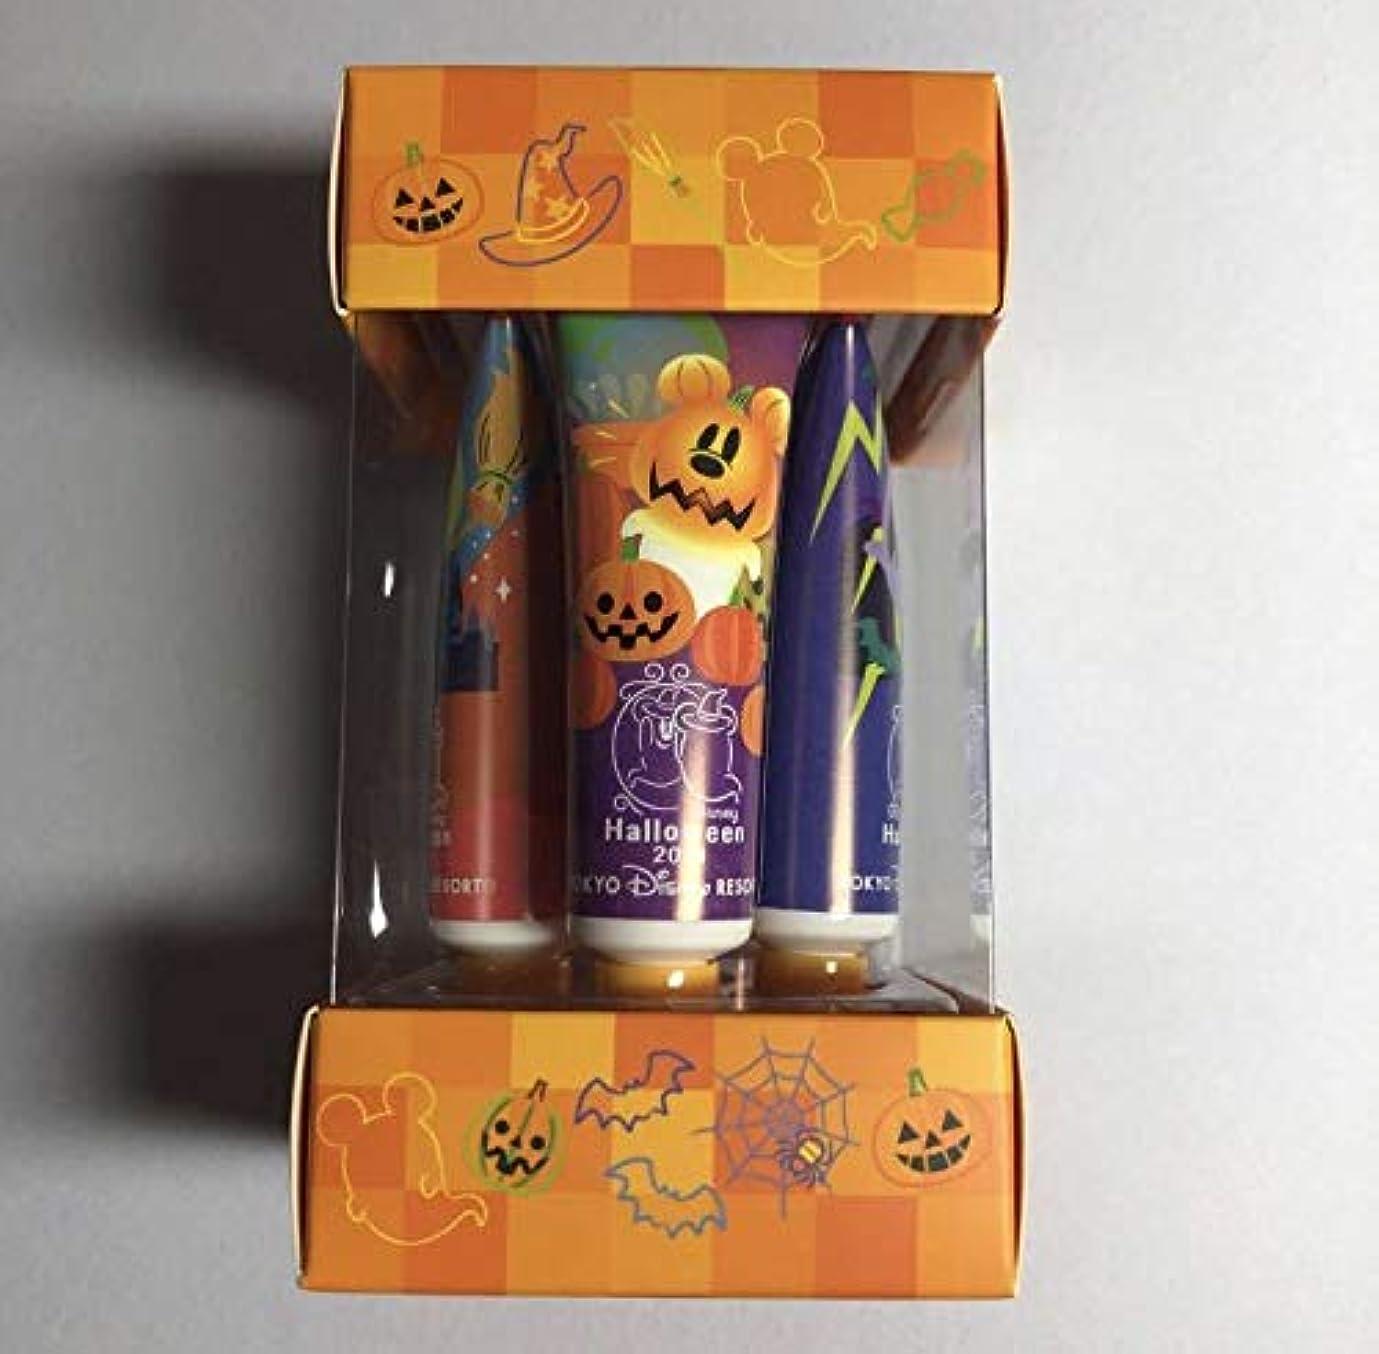 ビンにもかかわらず貢献するディズニー ハロウィン2019 ハロウィーン おばけ ハンドクリーム 4個入り